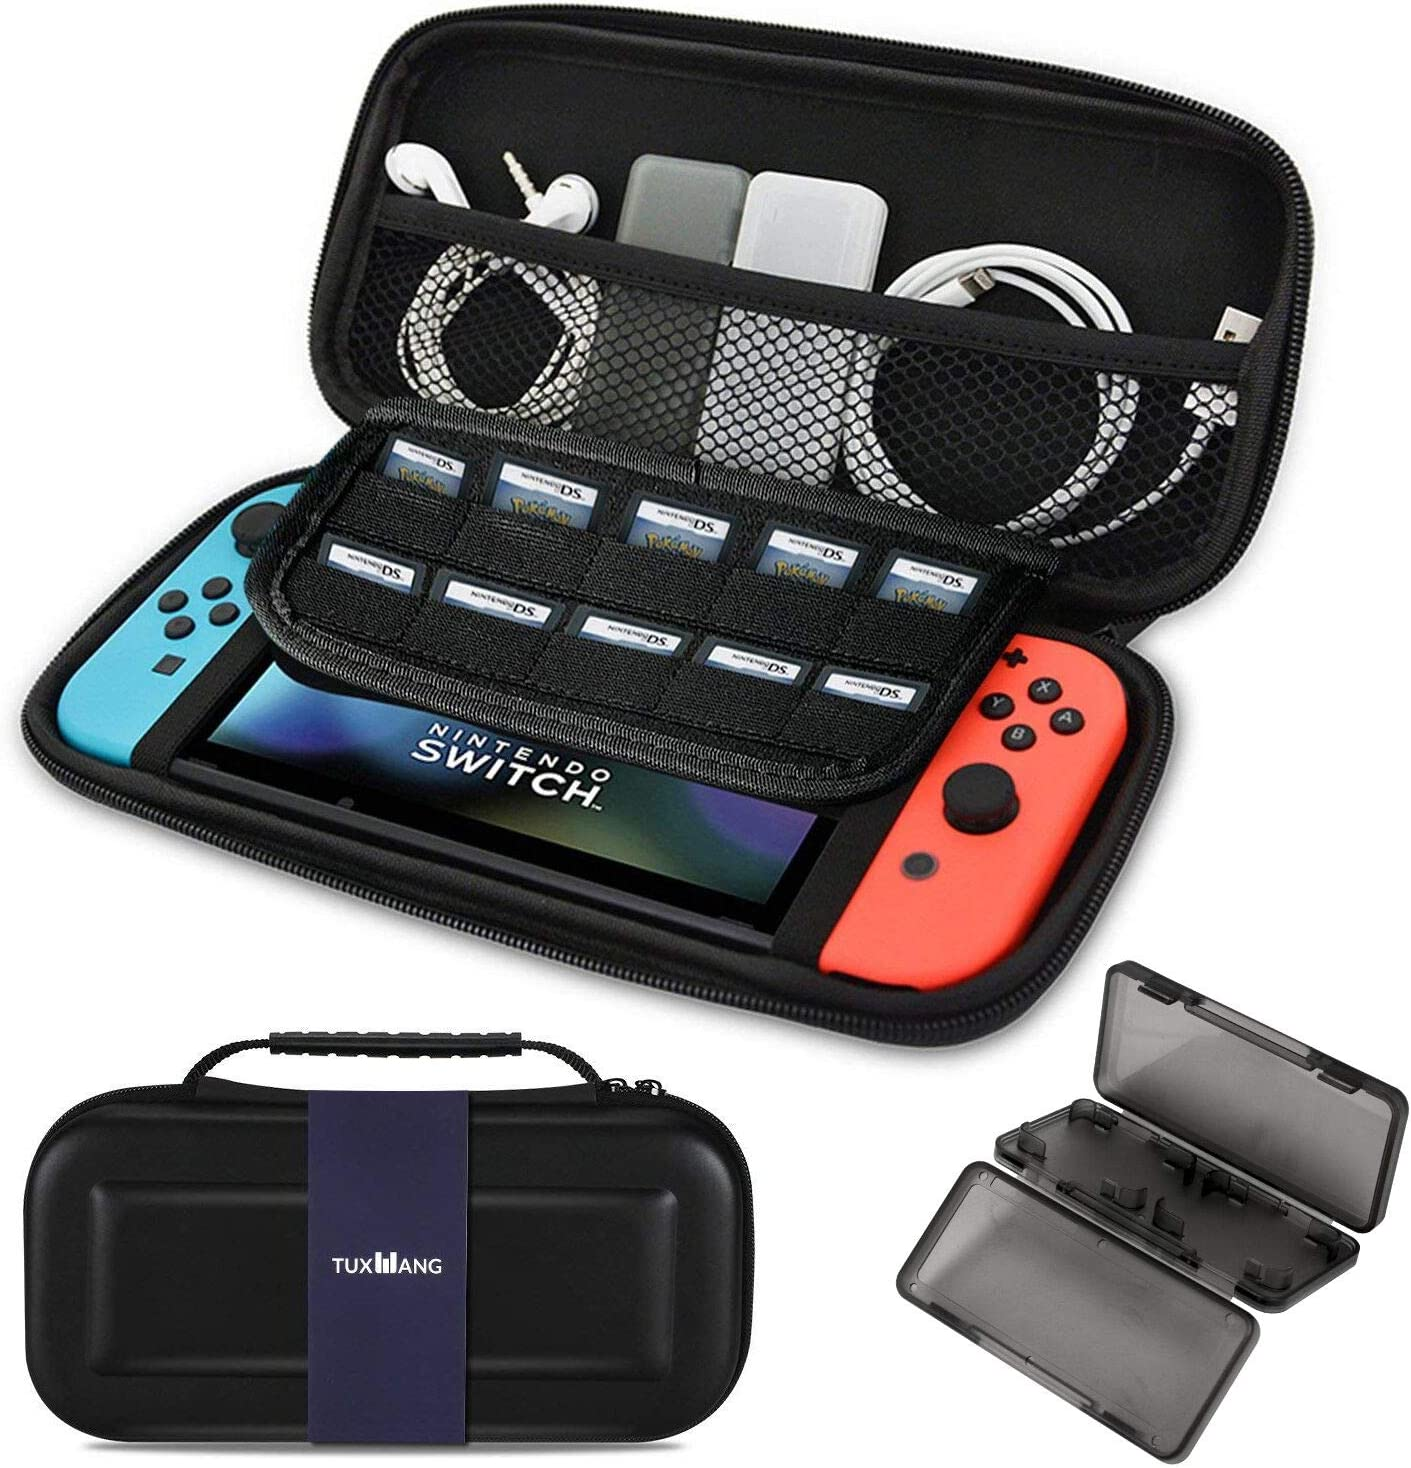 Cubierta para Nintendo Switch - Estuche portátil TUXWANG EVA con Banda elástica Plegable.Adecuado para Cassettes de Juegos y Otros Accesorios de Cambio de Nintendo: Amazon.es: Videojuegos